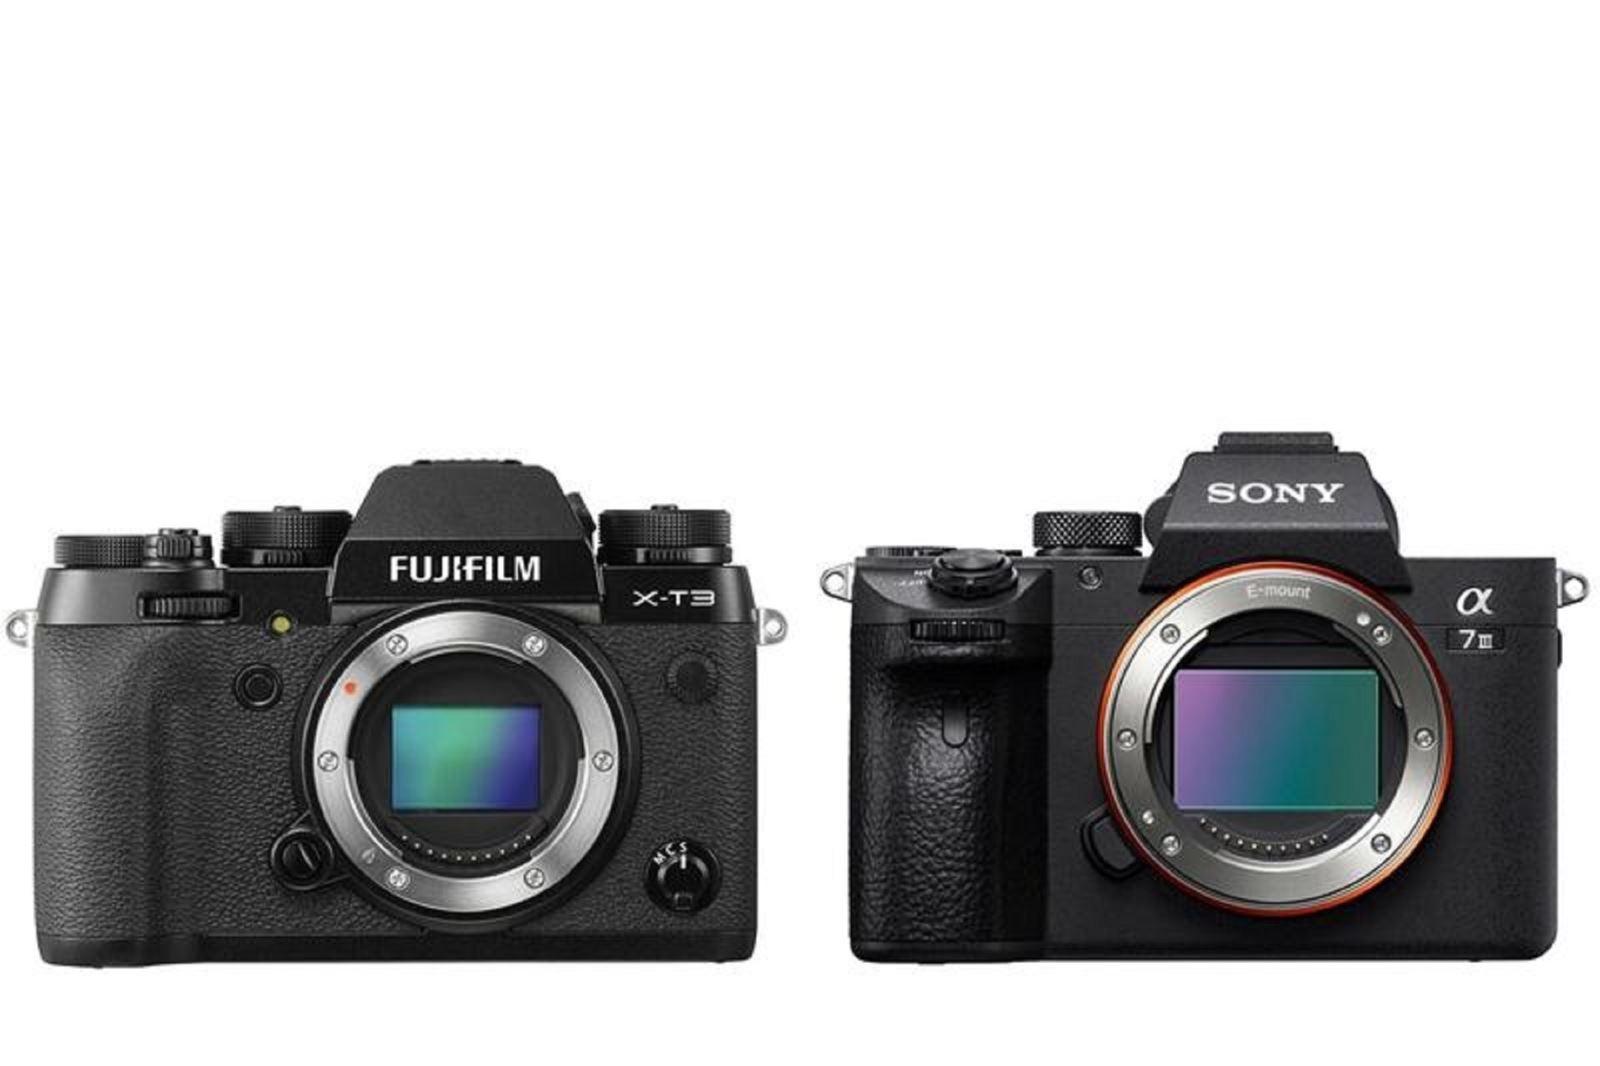 So sánh máy ảnh Fujifilm X-T3 và Sony A7 III